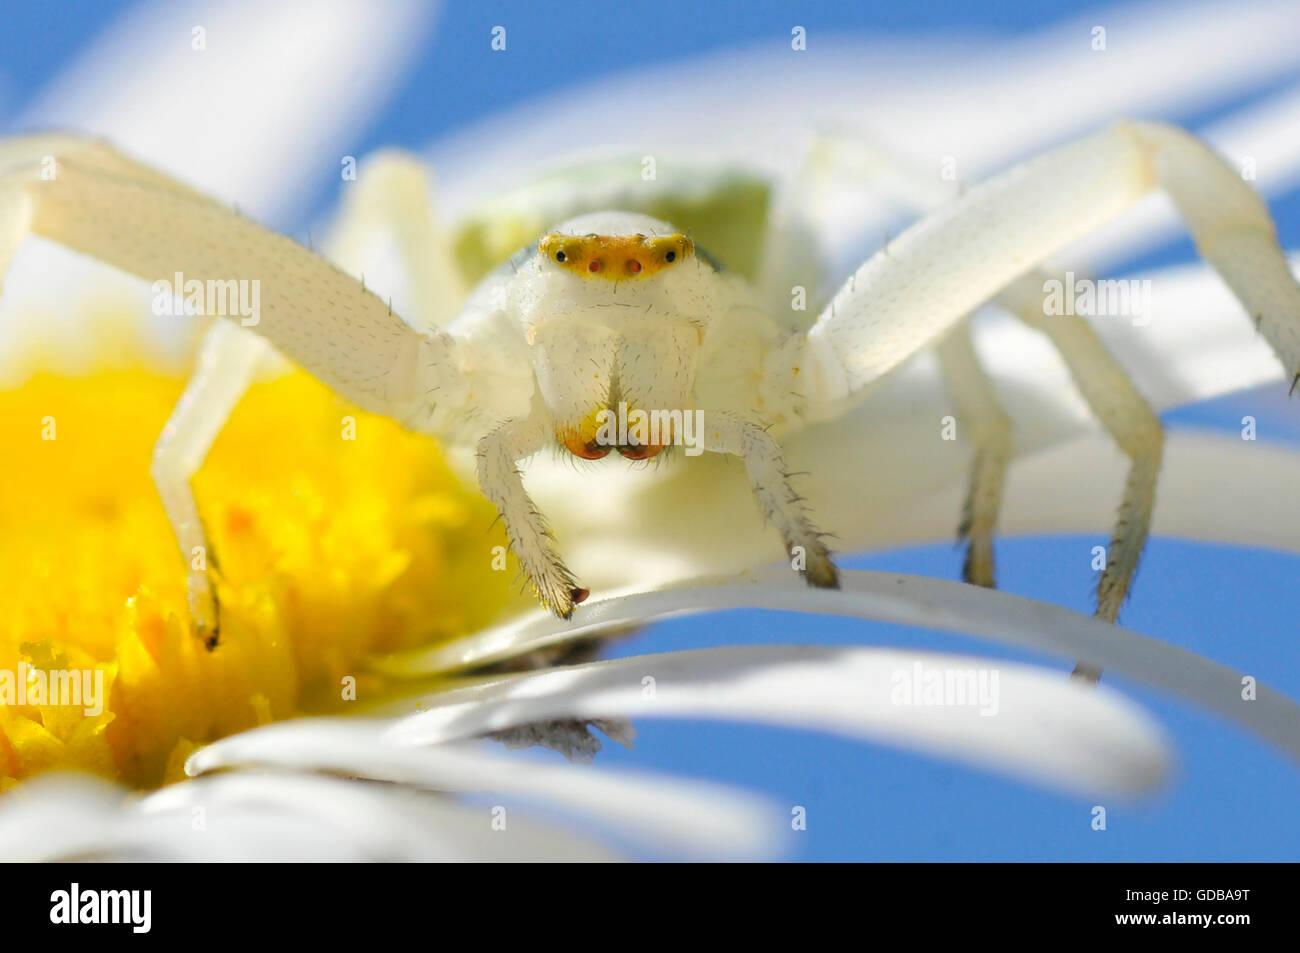 Makroaufnahme einer Krabbenspinne (Misumena Vatia) gesehen von vorn auf Daisy Blume Stockfoto